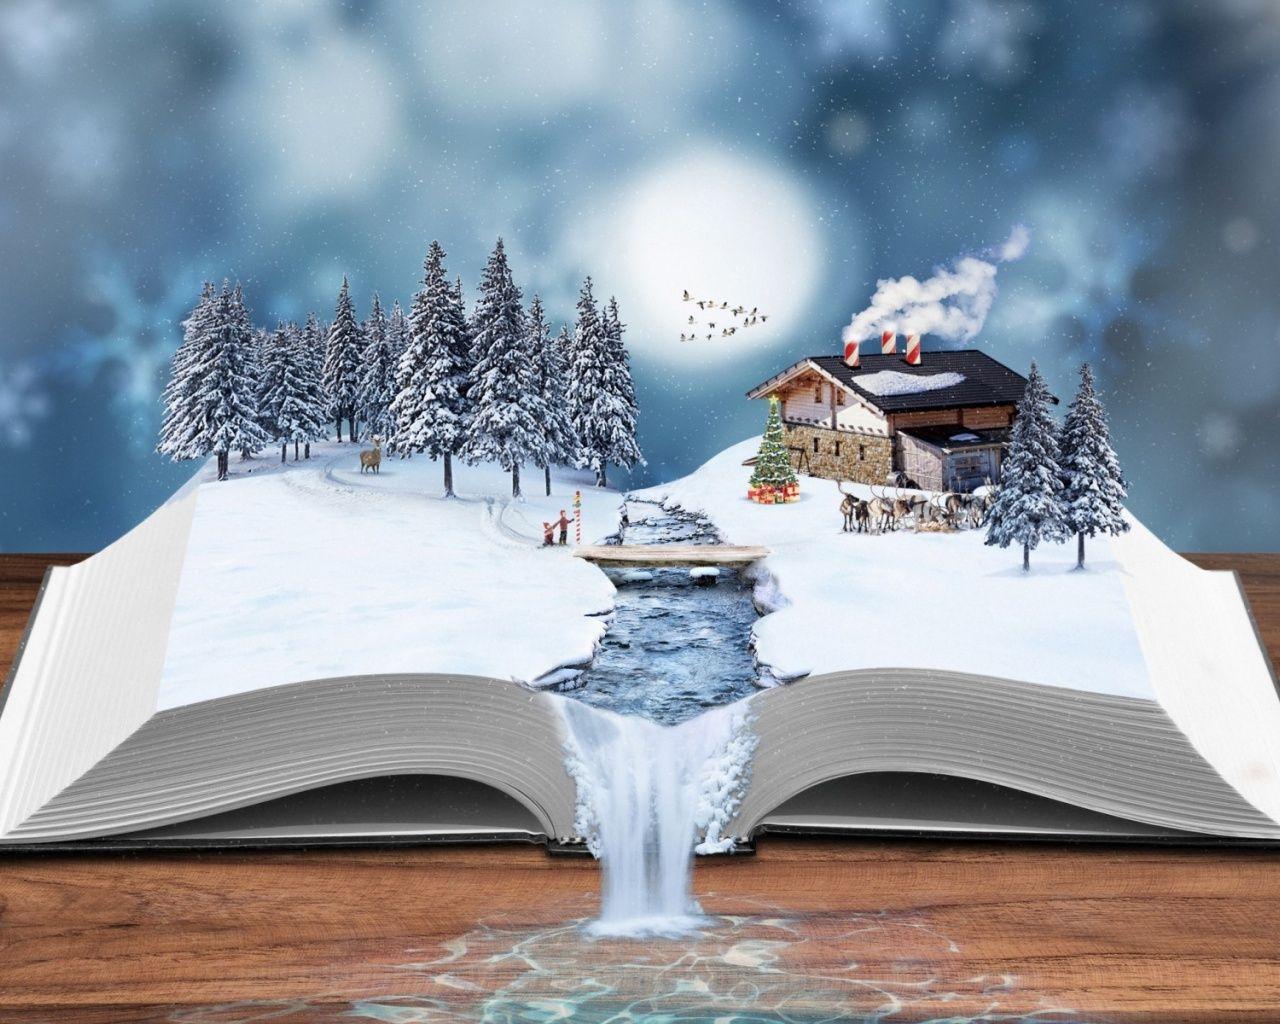 1280x1024 Winter Book Book Wallpaper Winter Books Winter Writing